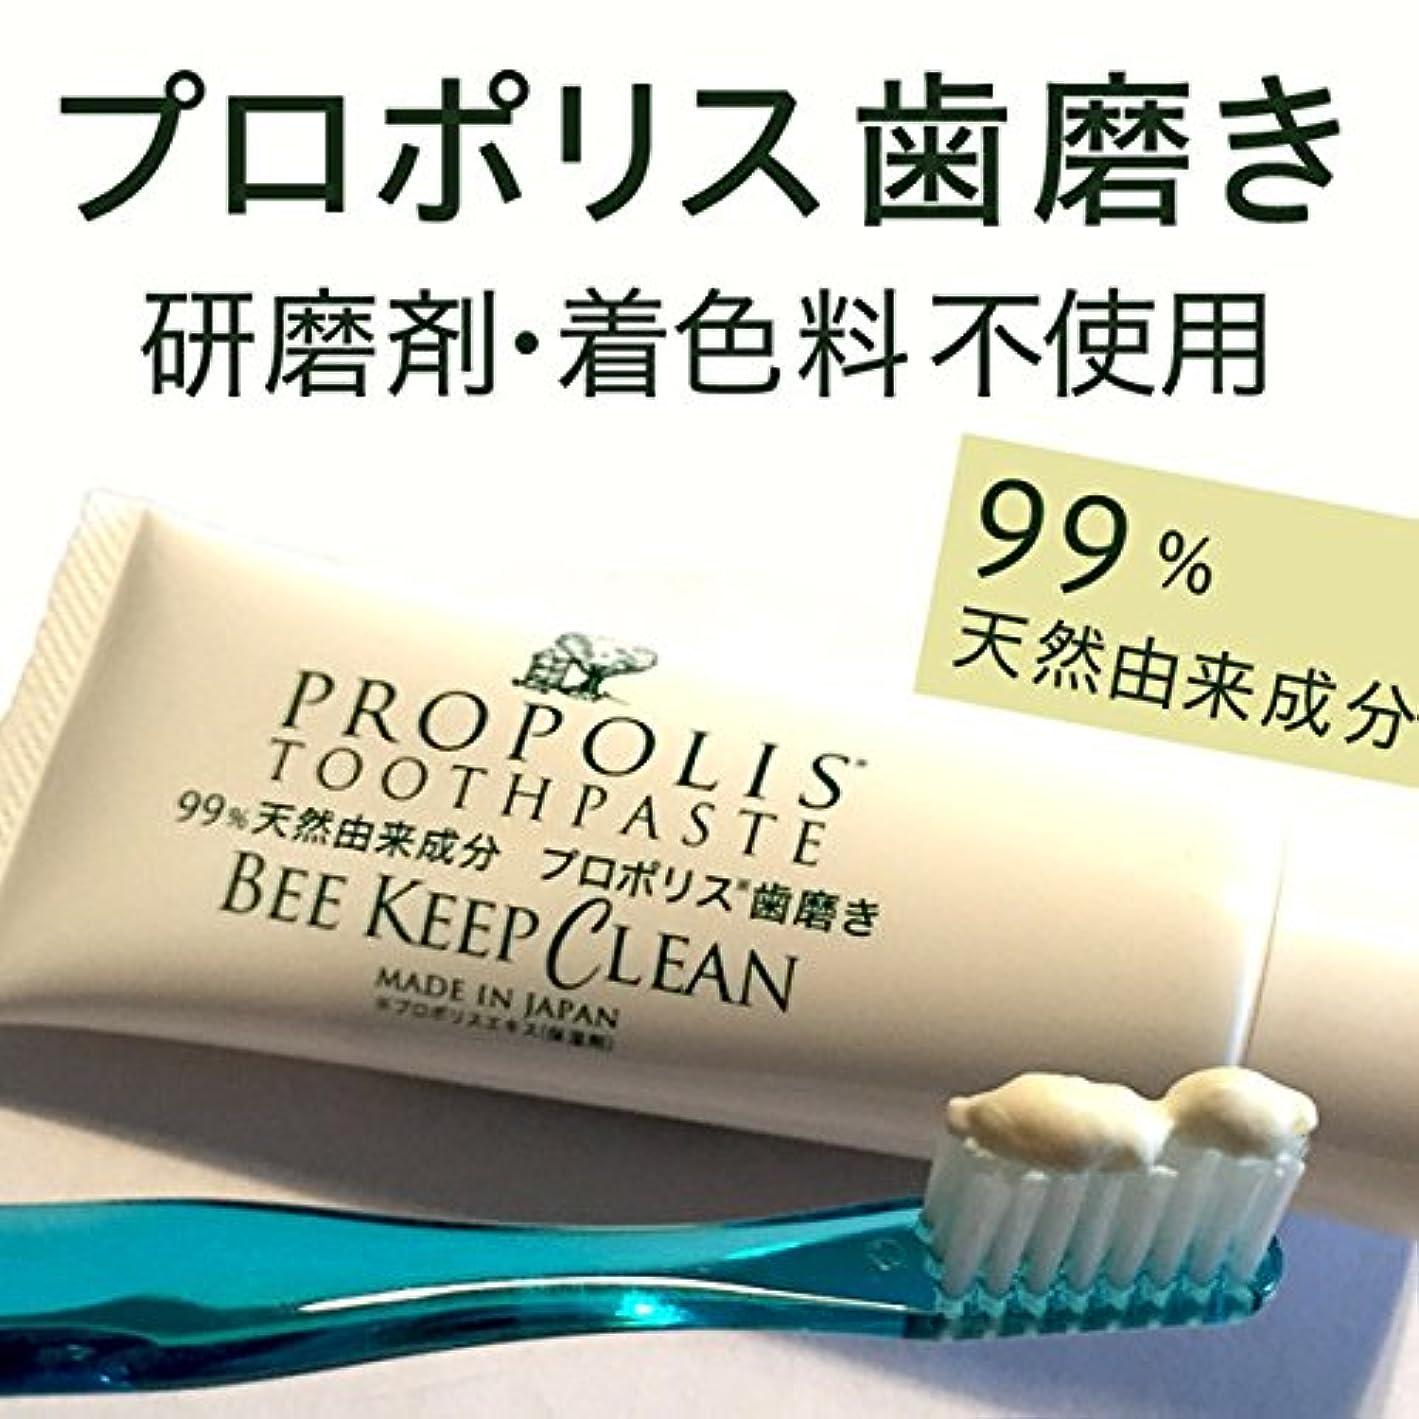 信頼性のある病気だと思う哀プロポリス歯磨きビーキープクリーン100g